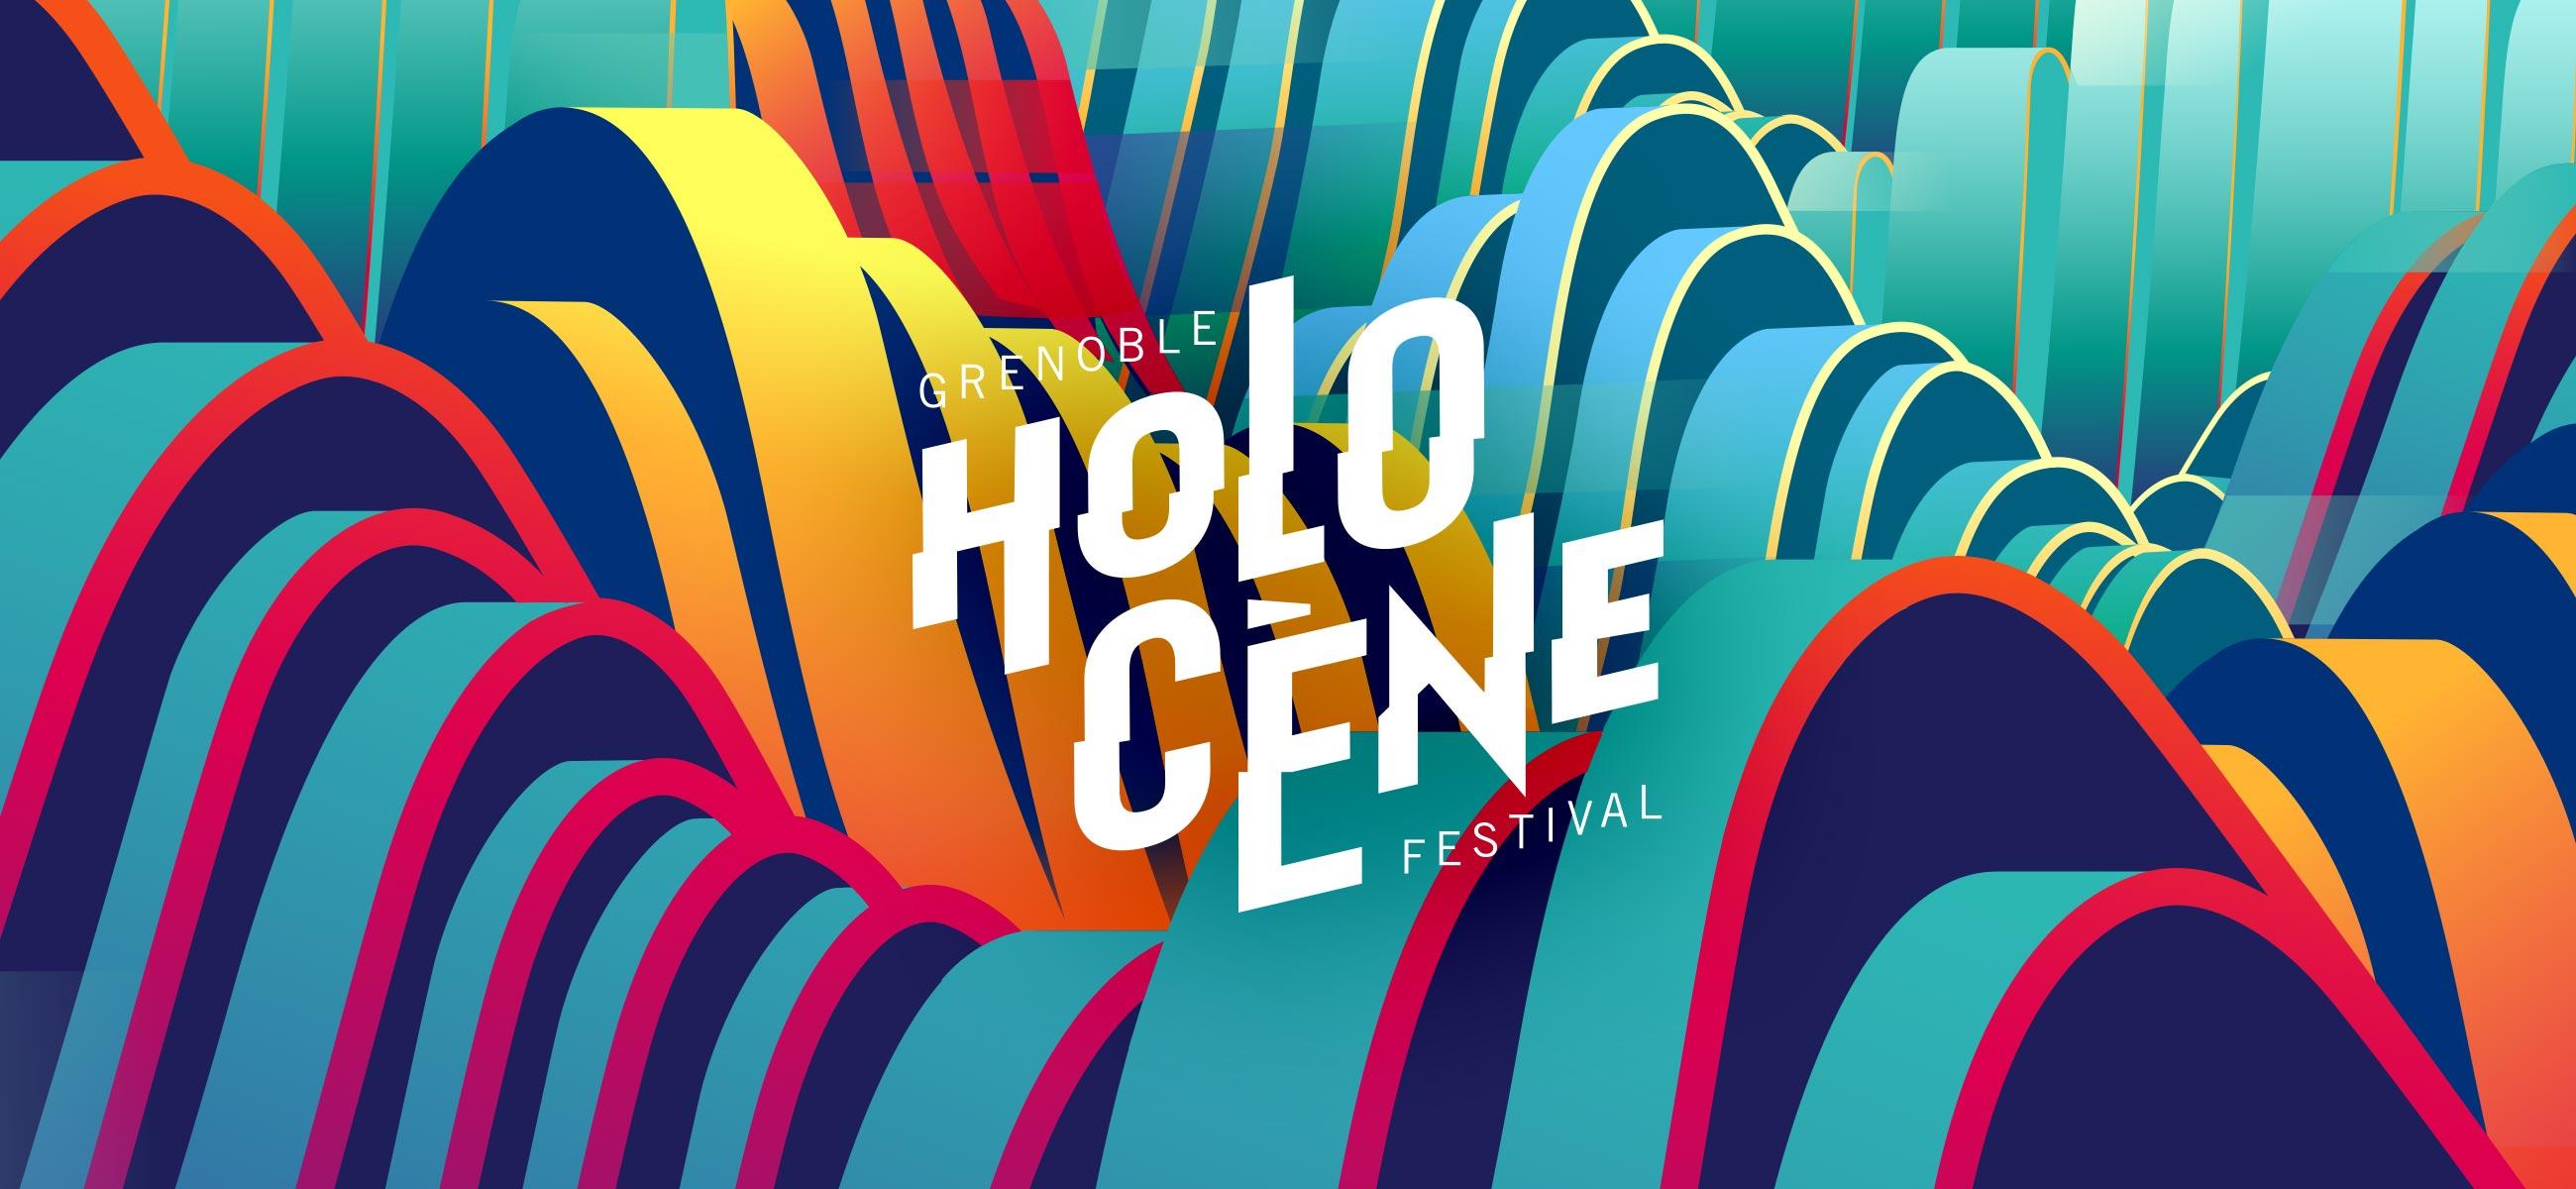 00_holocene_head_2019